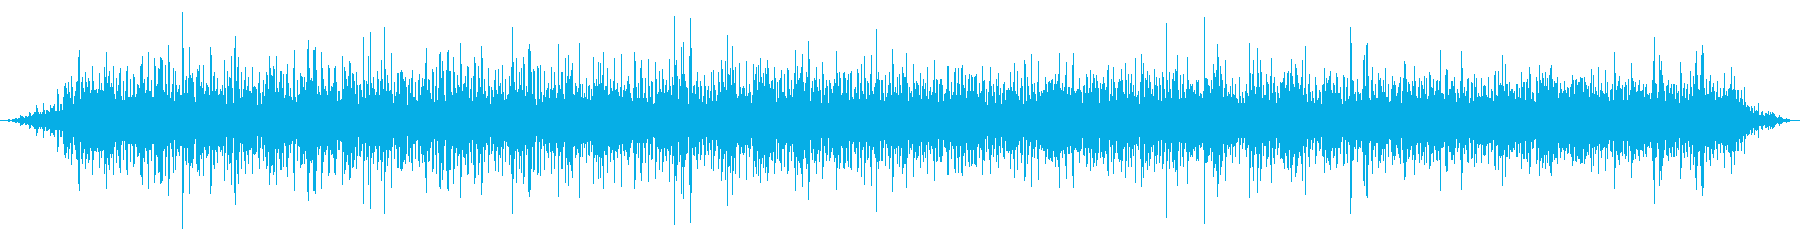 スチーム式木材ミル:ホッパー:ラン...の再生済みの波形